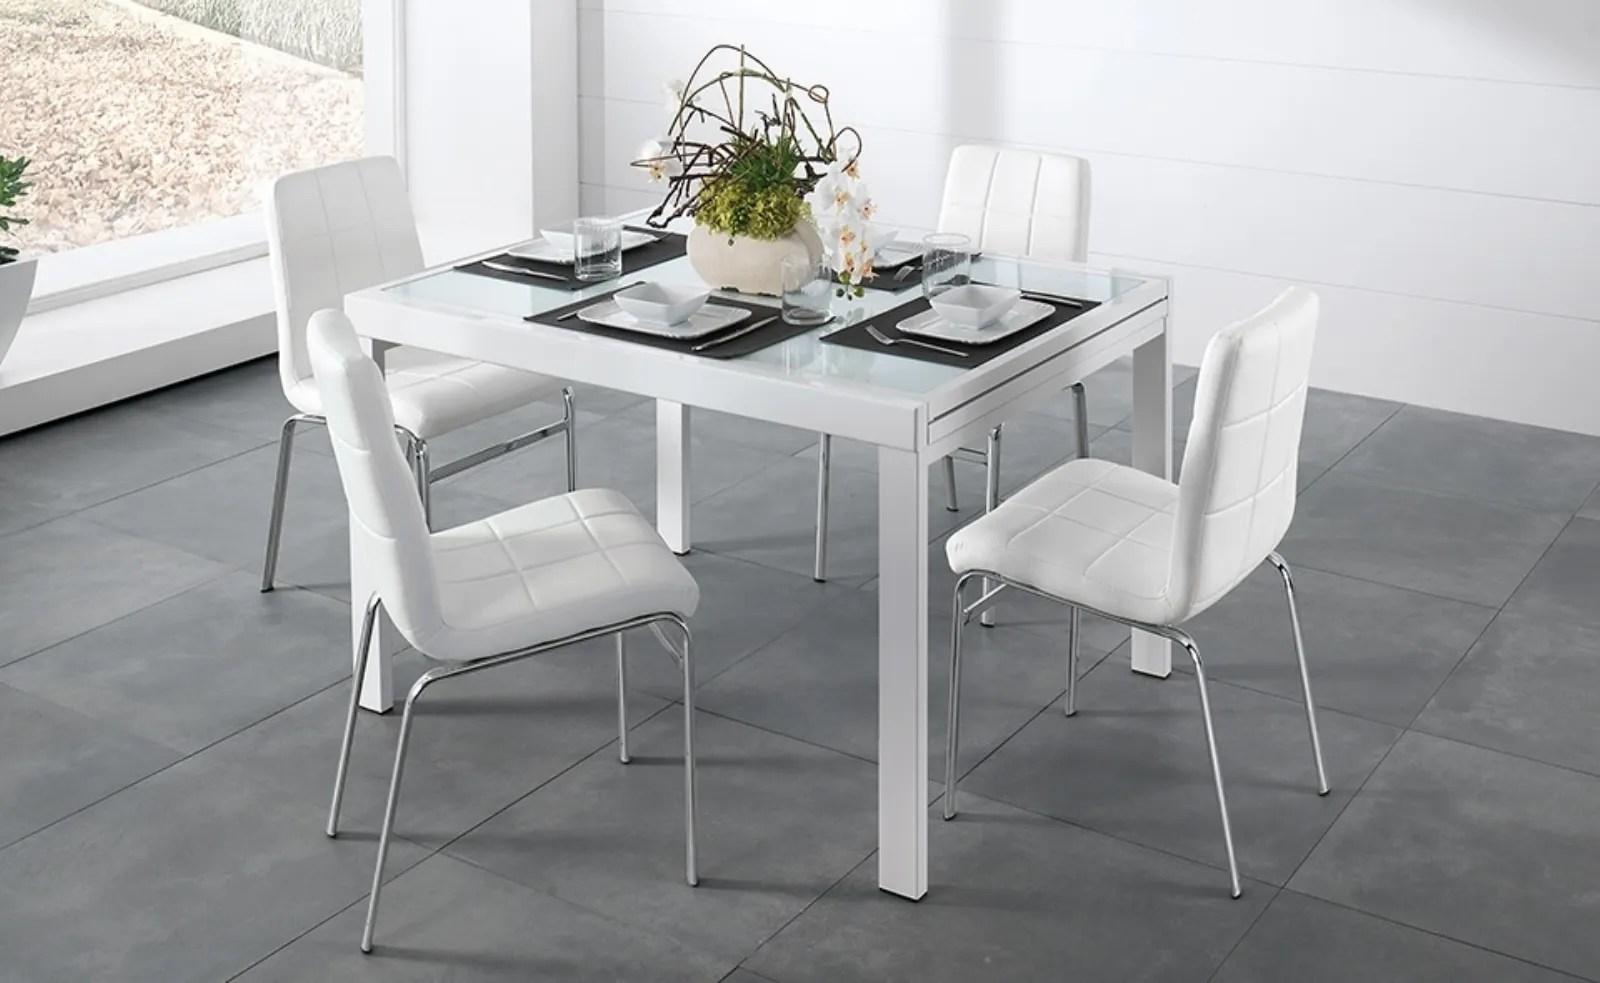 Dato che i tavoli e le sedie dei set sono coordinati, sai già che rappresentano una scelta sicura. Acquistare Tavolo Mondo Convenienza